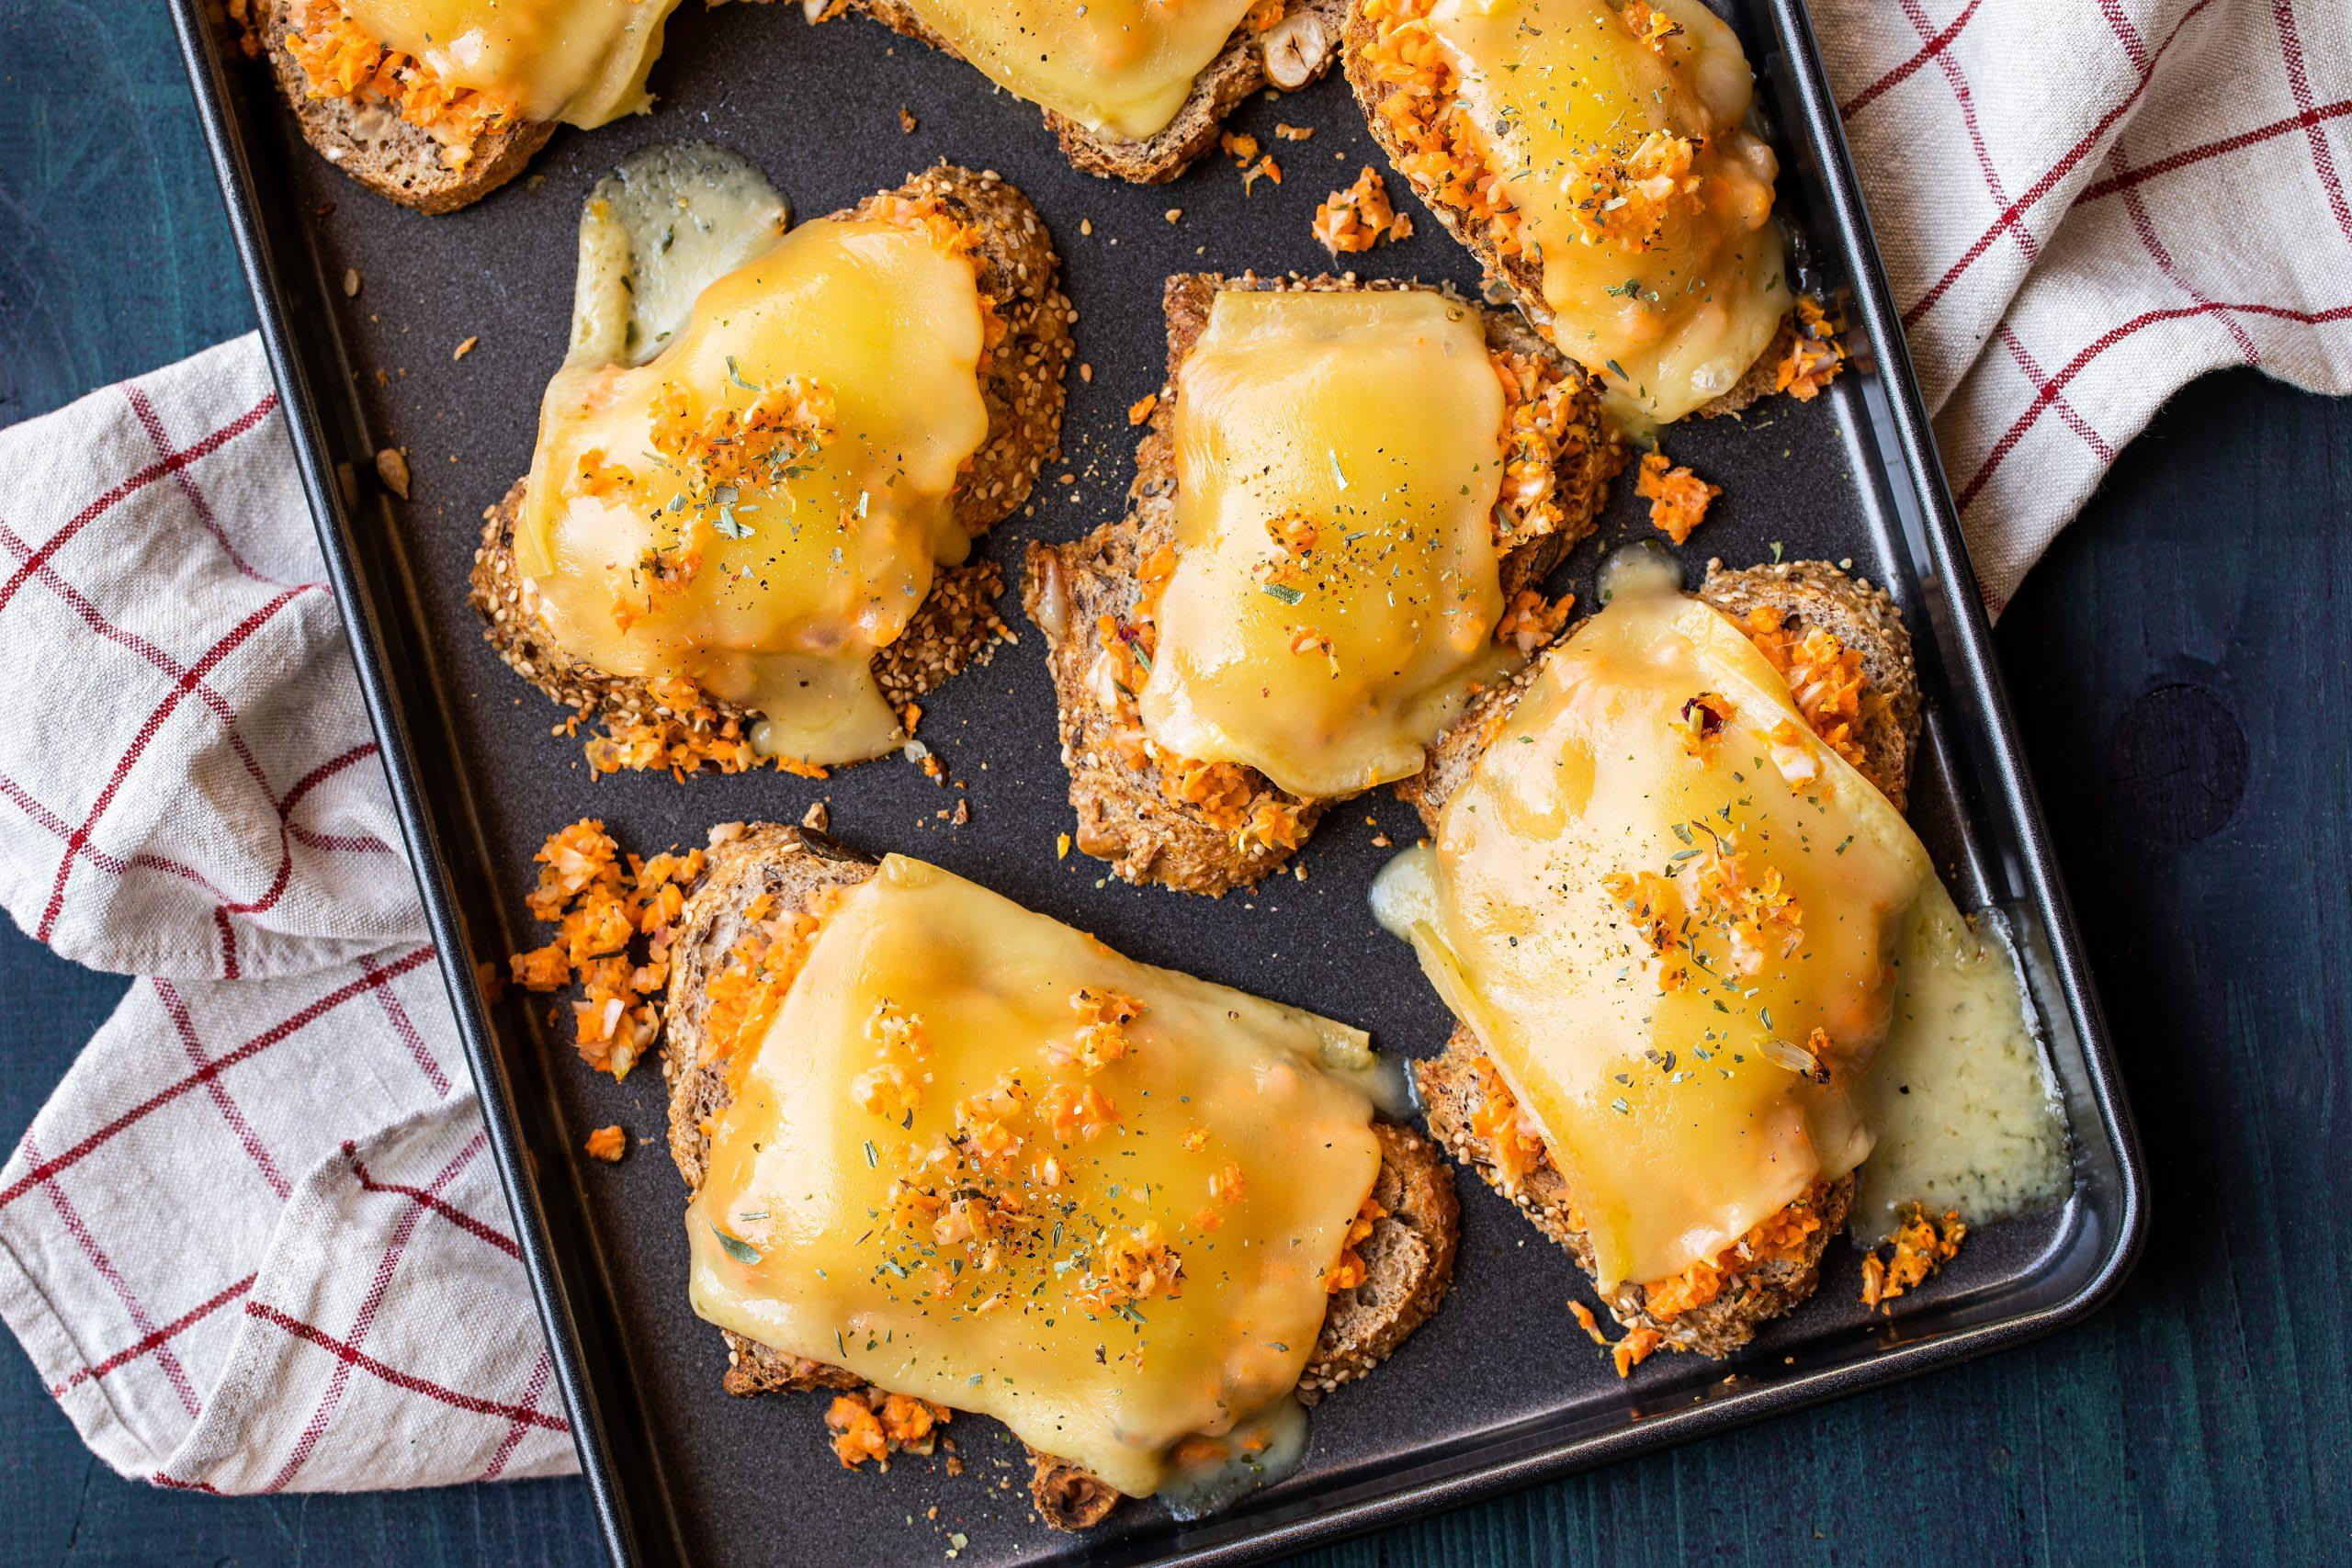 Croûtes au fromage à raclette et aux légumes